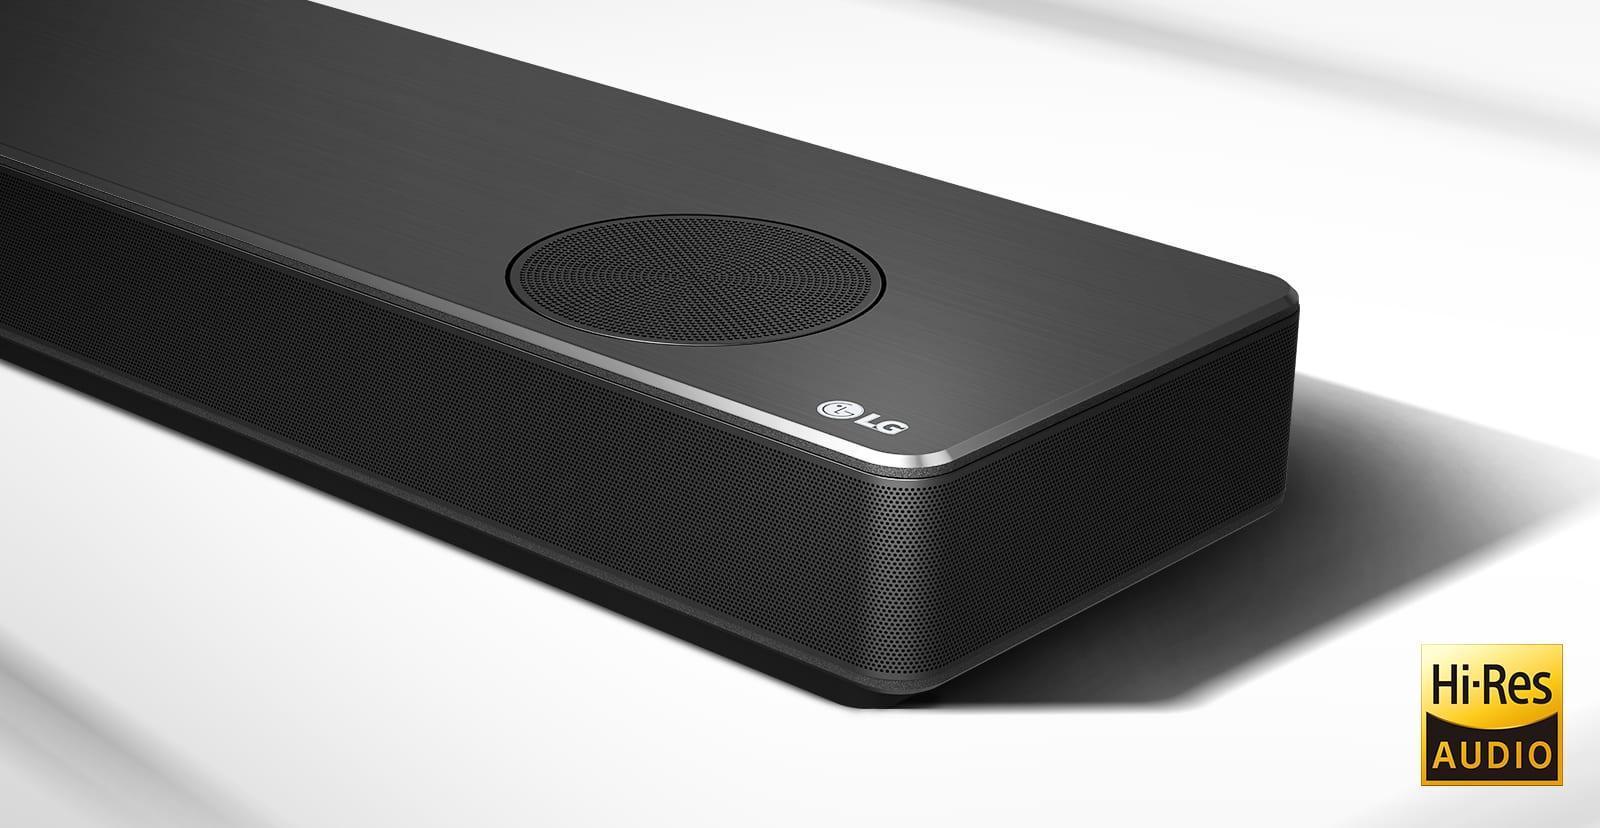 LG готовит к выпуску линейку саундбаров с премиальным качеством звучания (sn11rg high res audio)